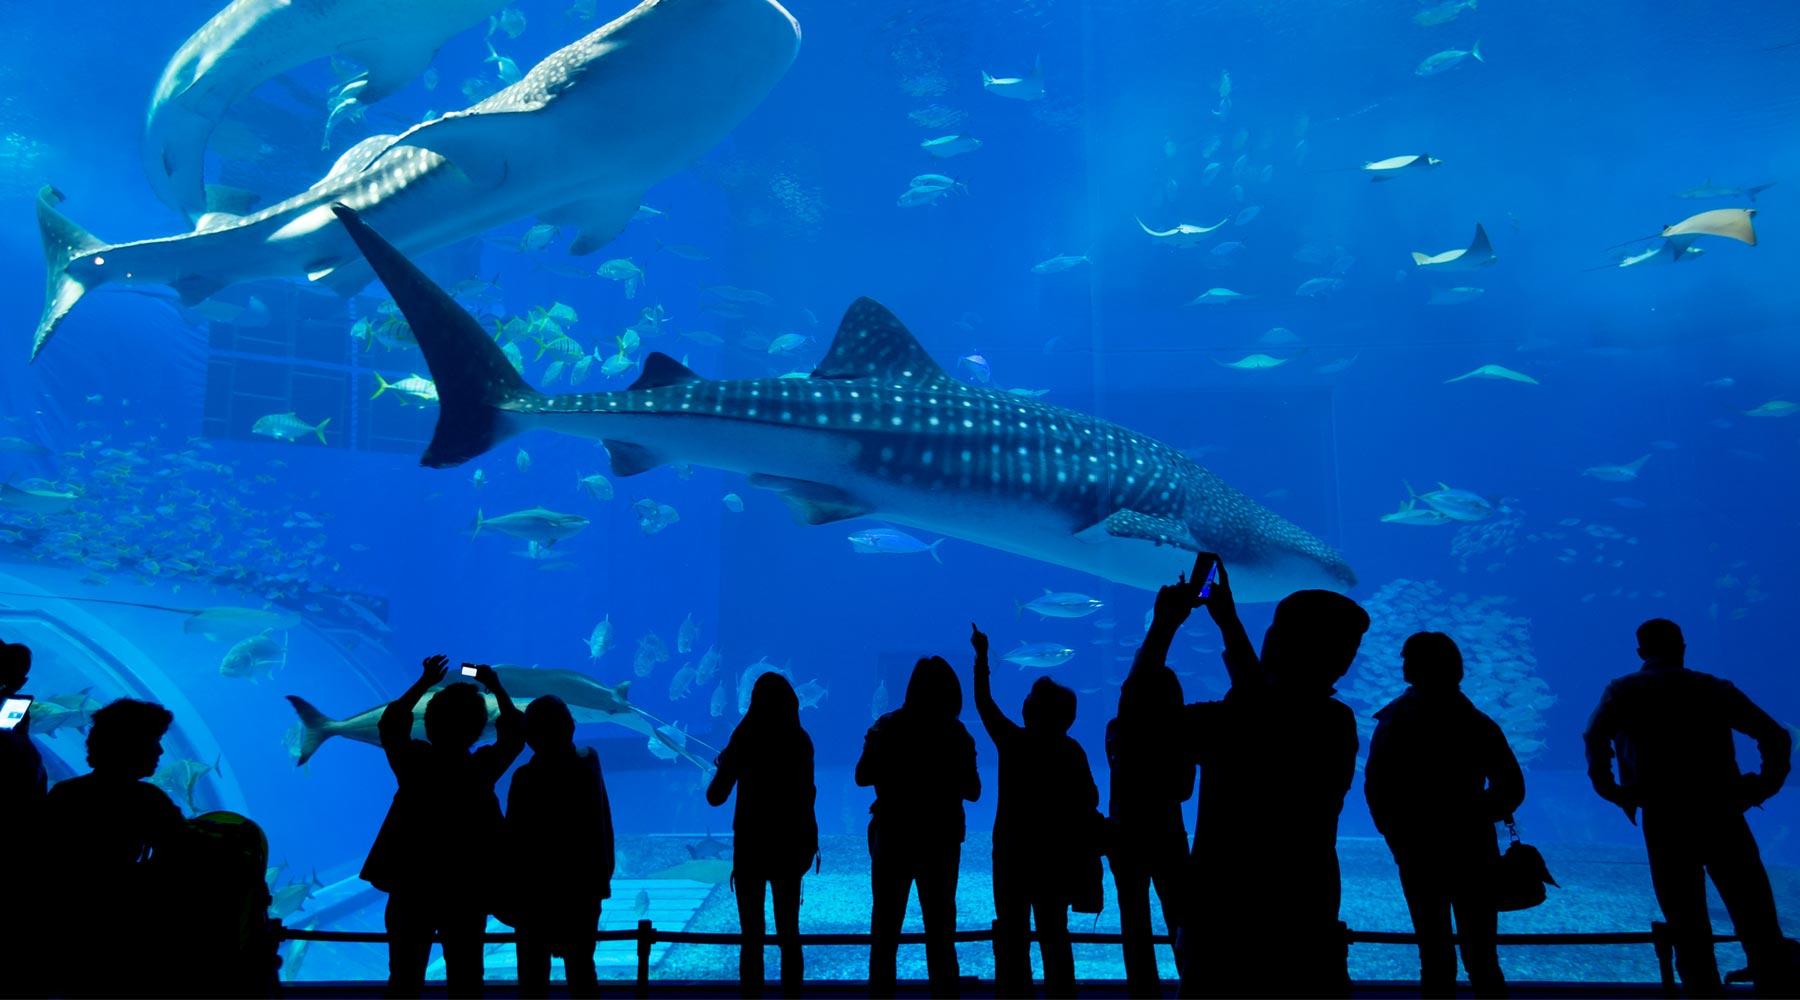 Istanbul Aquarium – The Most Famous Aquarium in Turkey